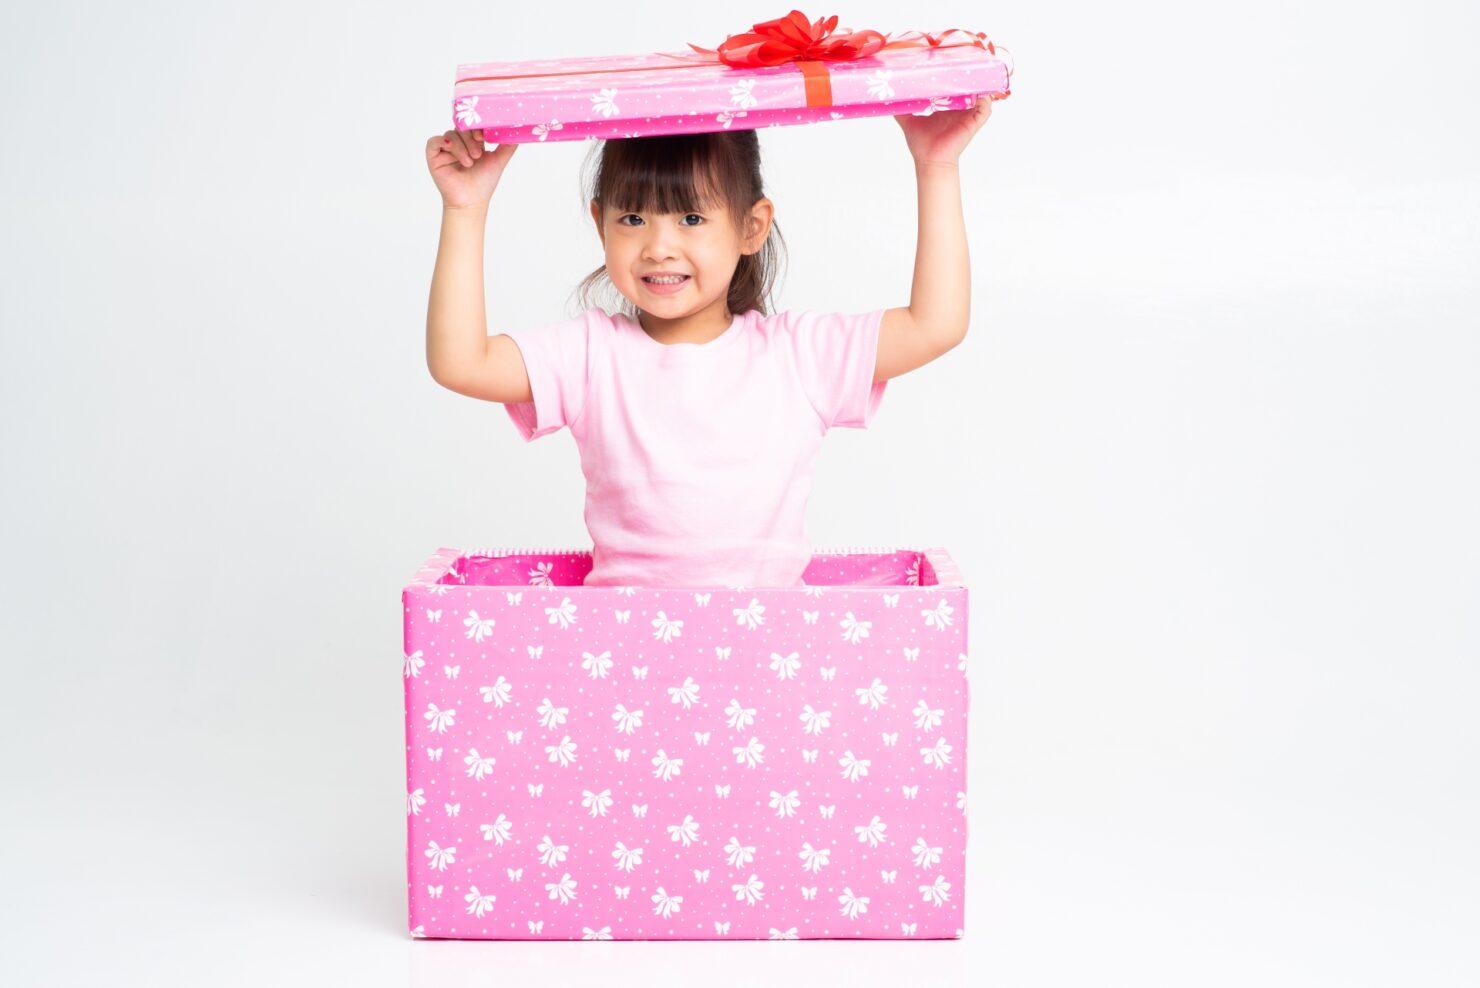 プレゼントにもおすすめ! 人気のアナと雪の女王おもちゃ11選